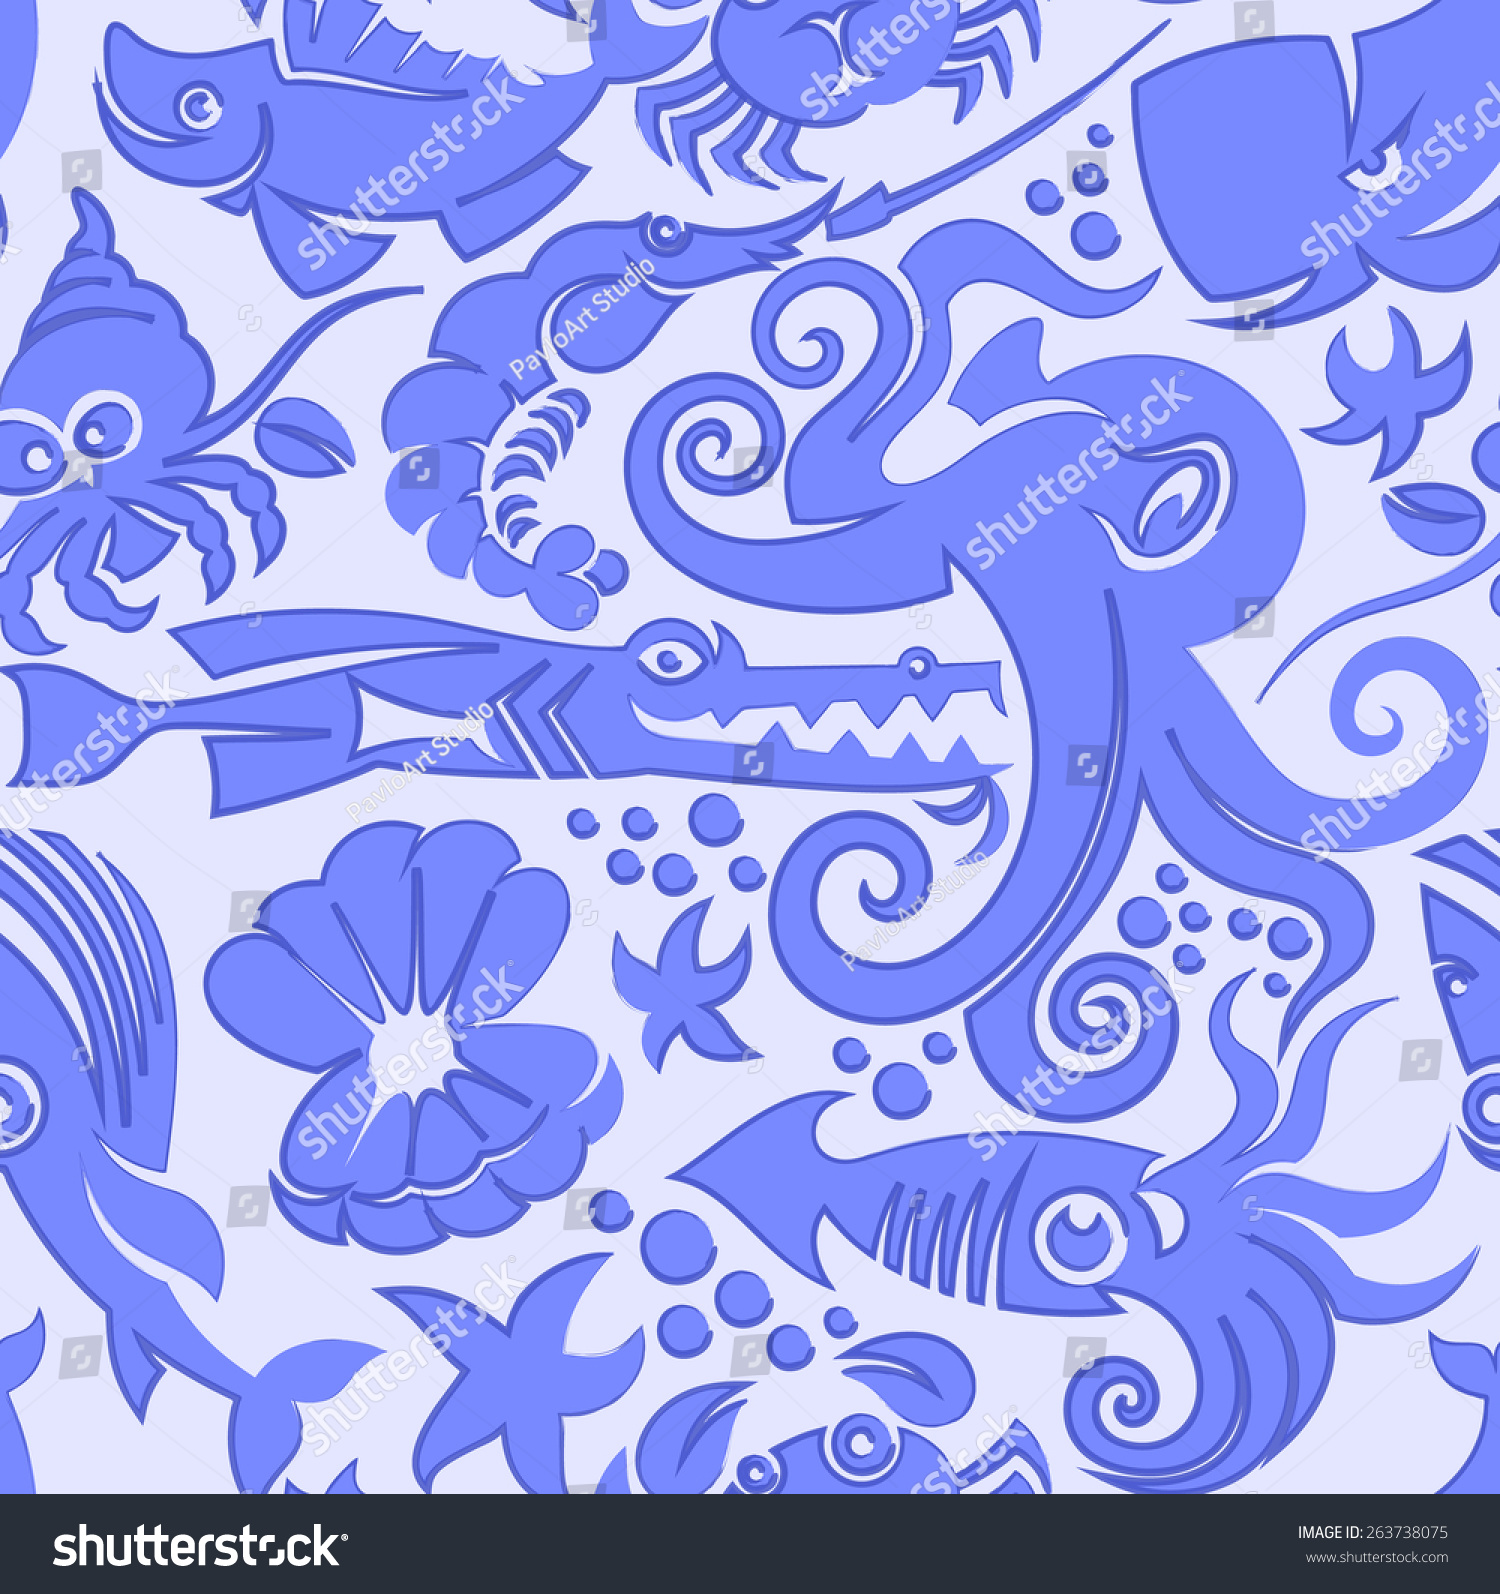 无缝的卡通可爱的海洋生物模式向量插图